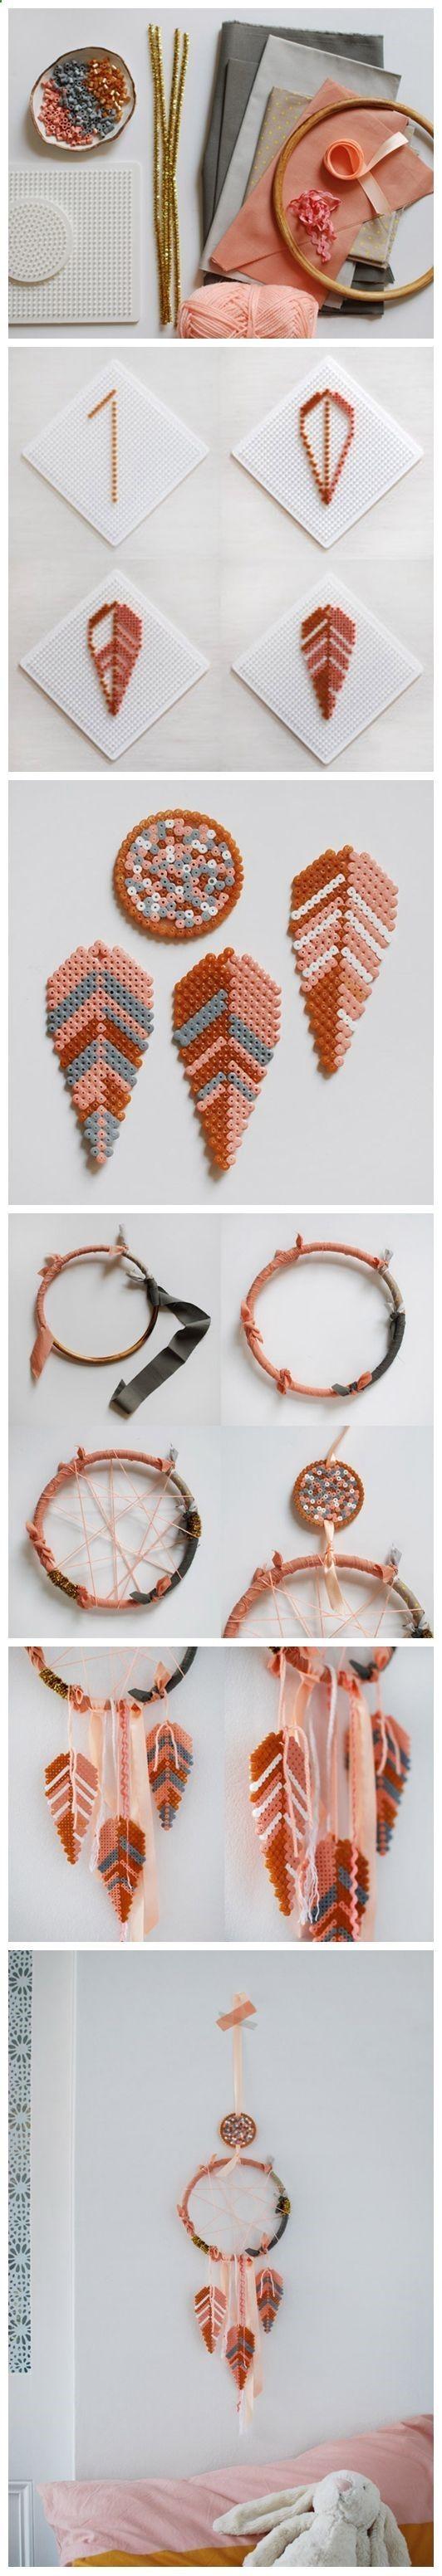 hama bead dreamcatcher